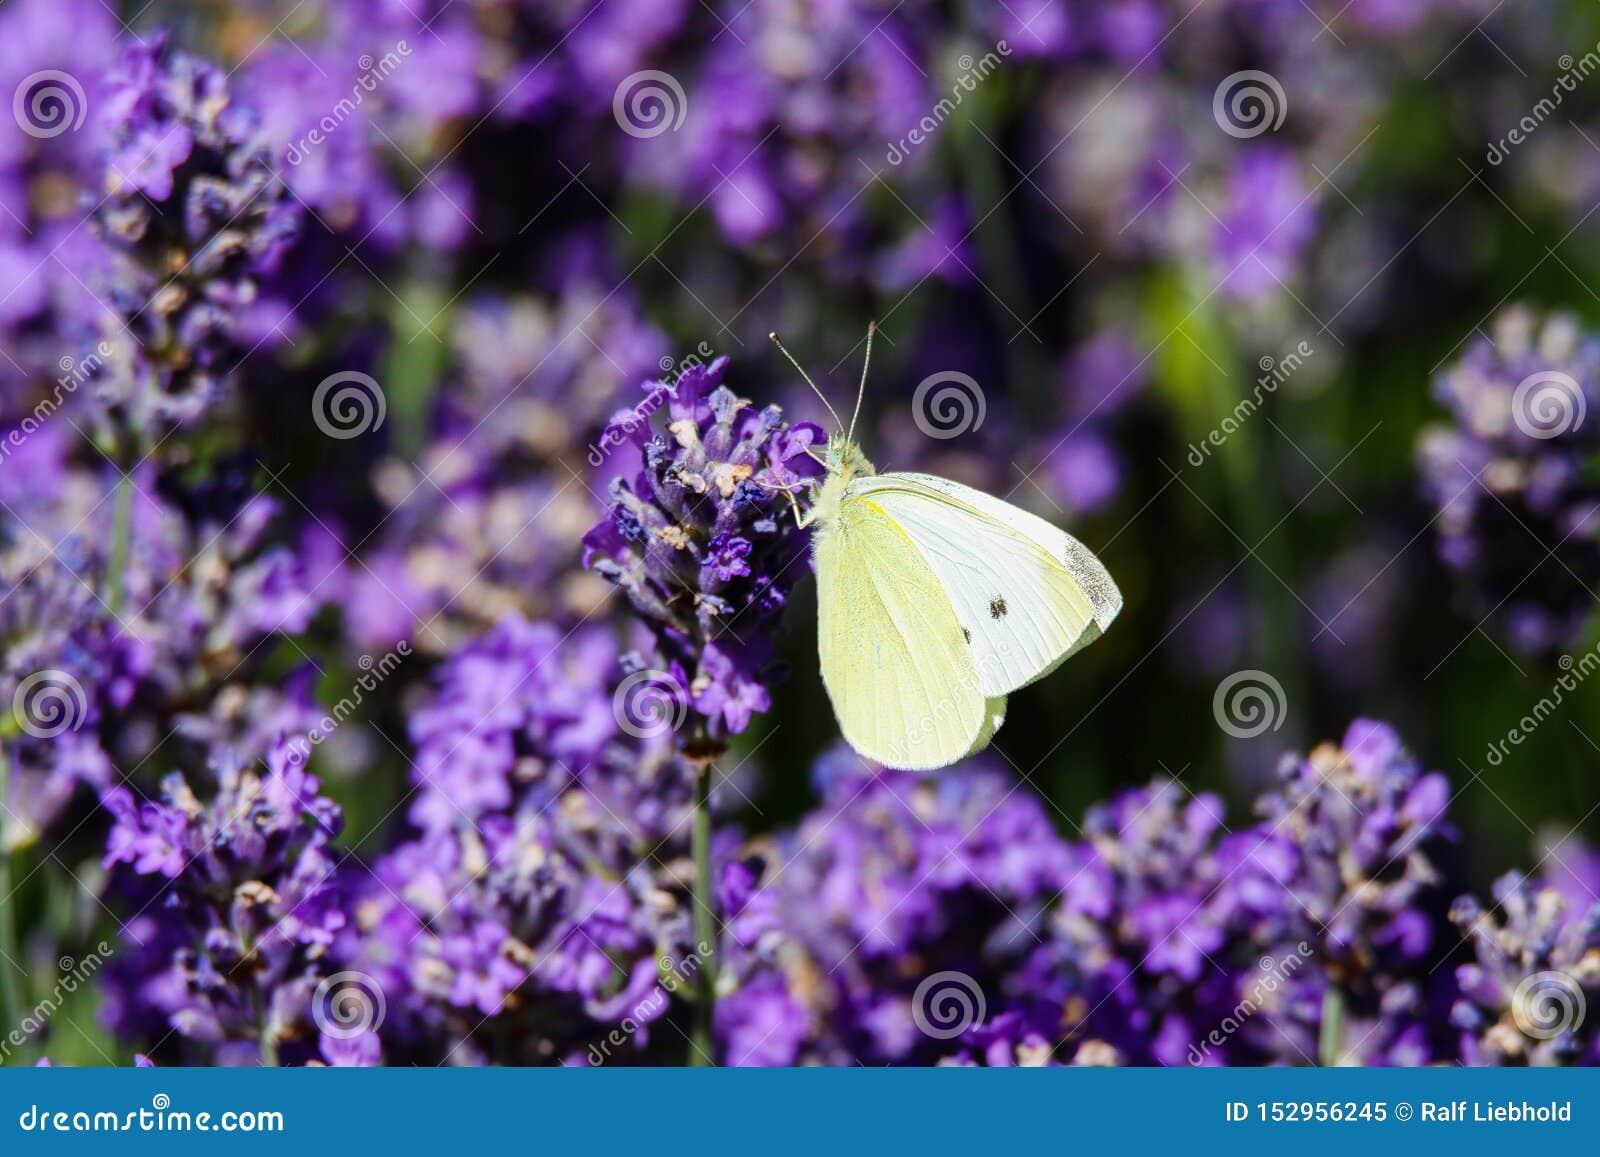 关闭粉蝶蝴蝶在淡紫色淡紫色的皮利斯brassicae